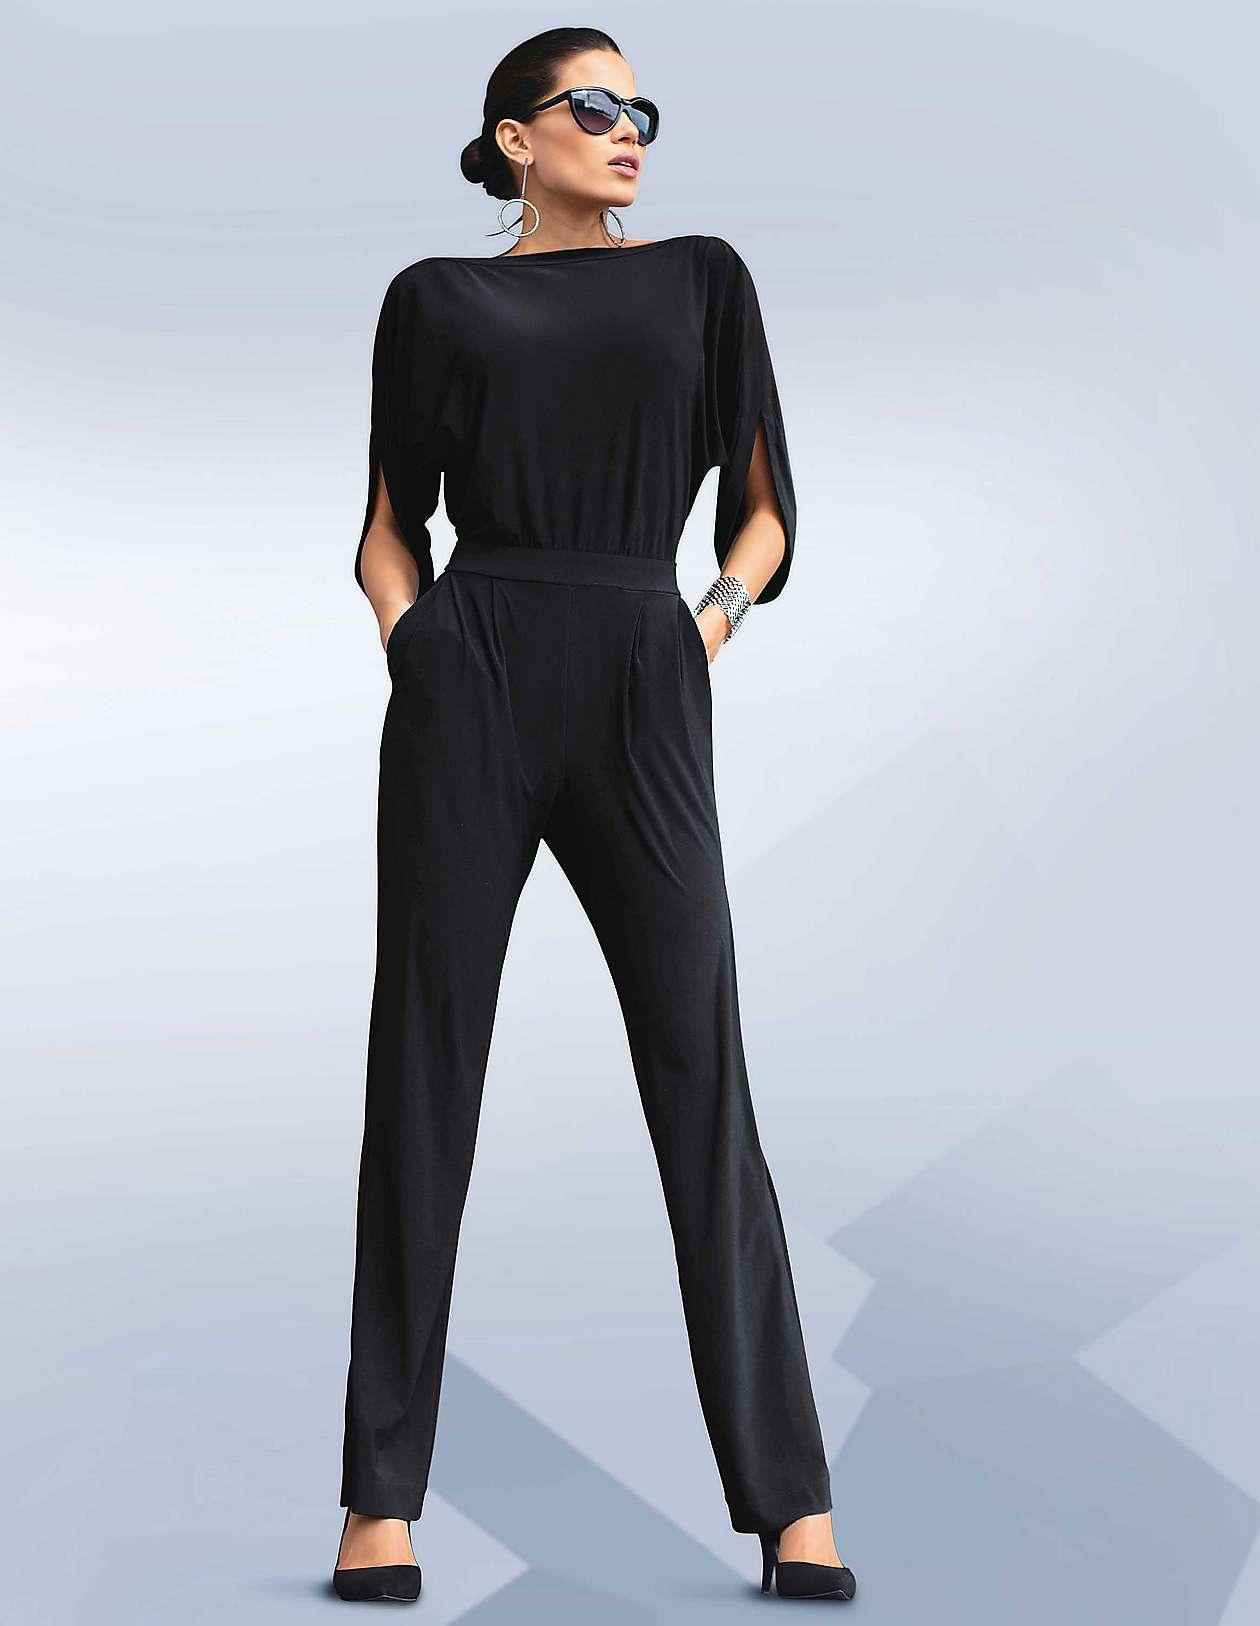 stylistisches Aussehen Original modische Muster Festliche Jumpsuits und elegante Overalls für Damen ...